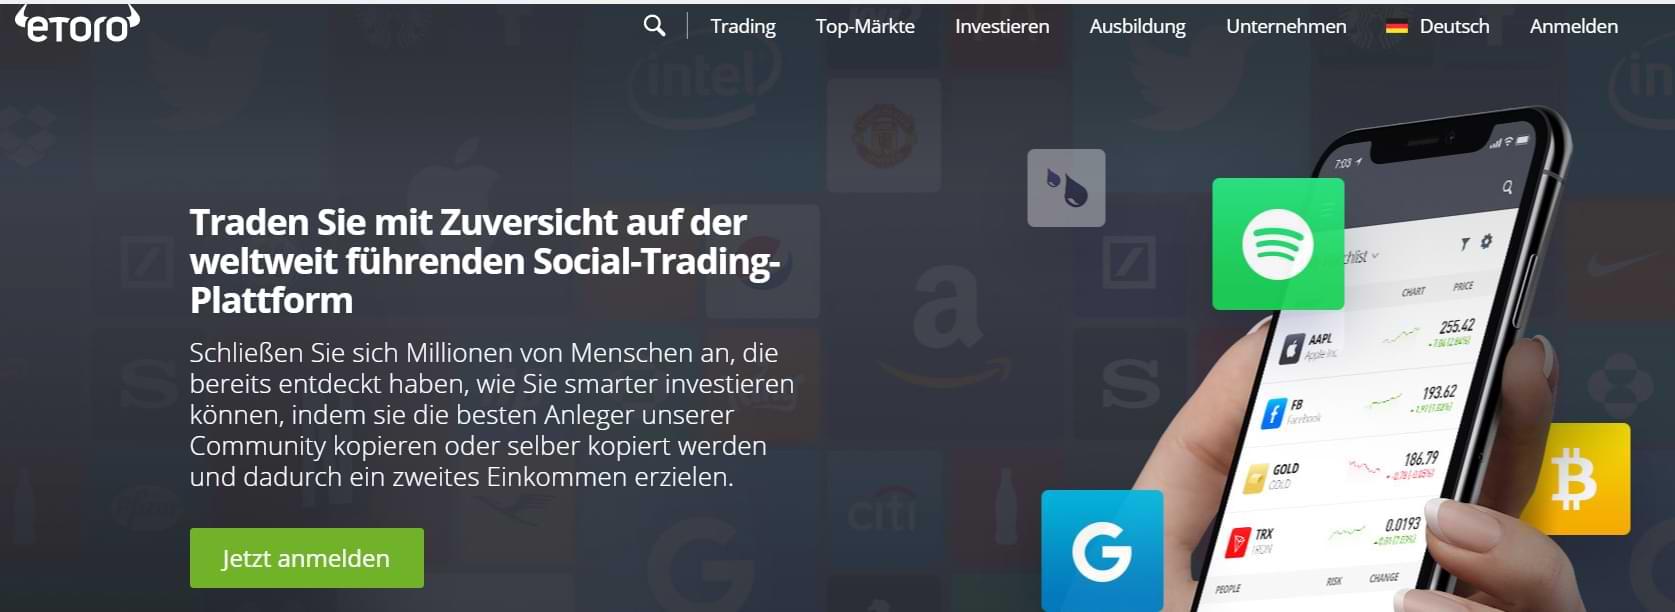 eToro Startseite Screenshot